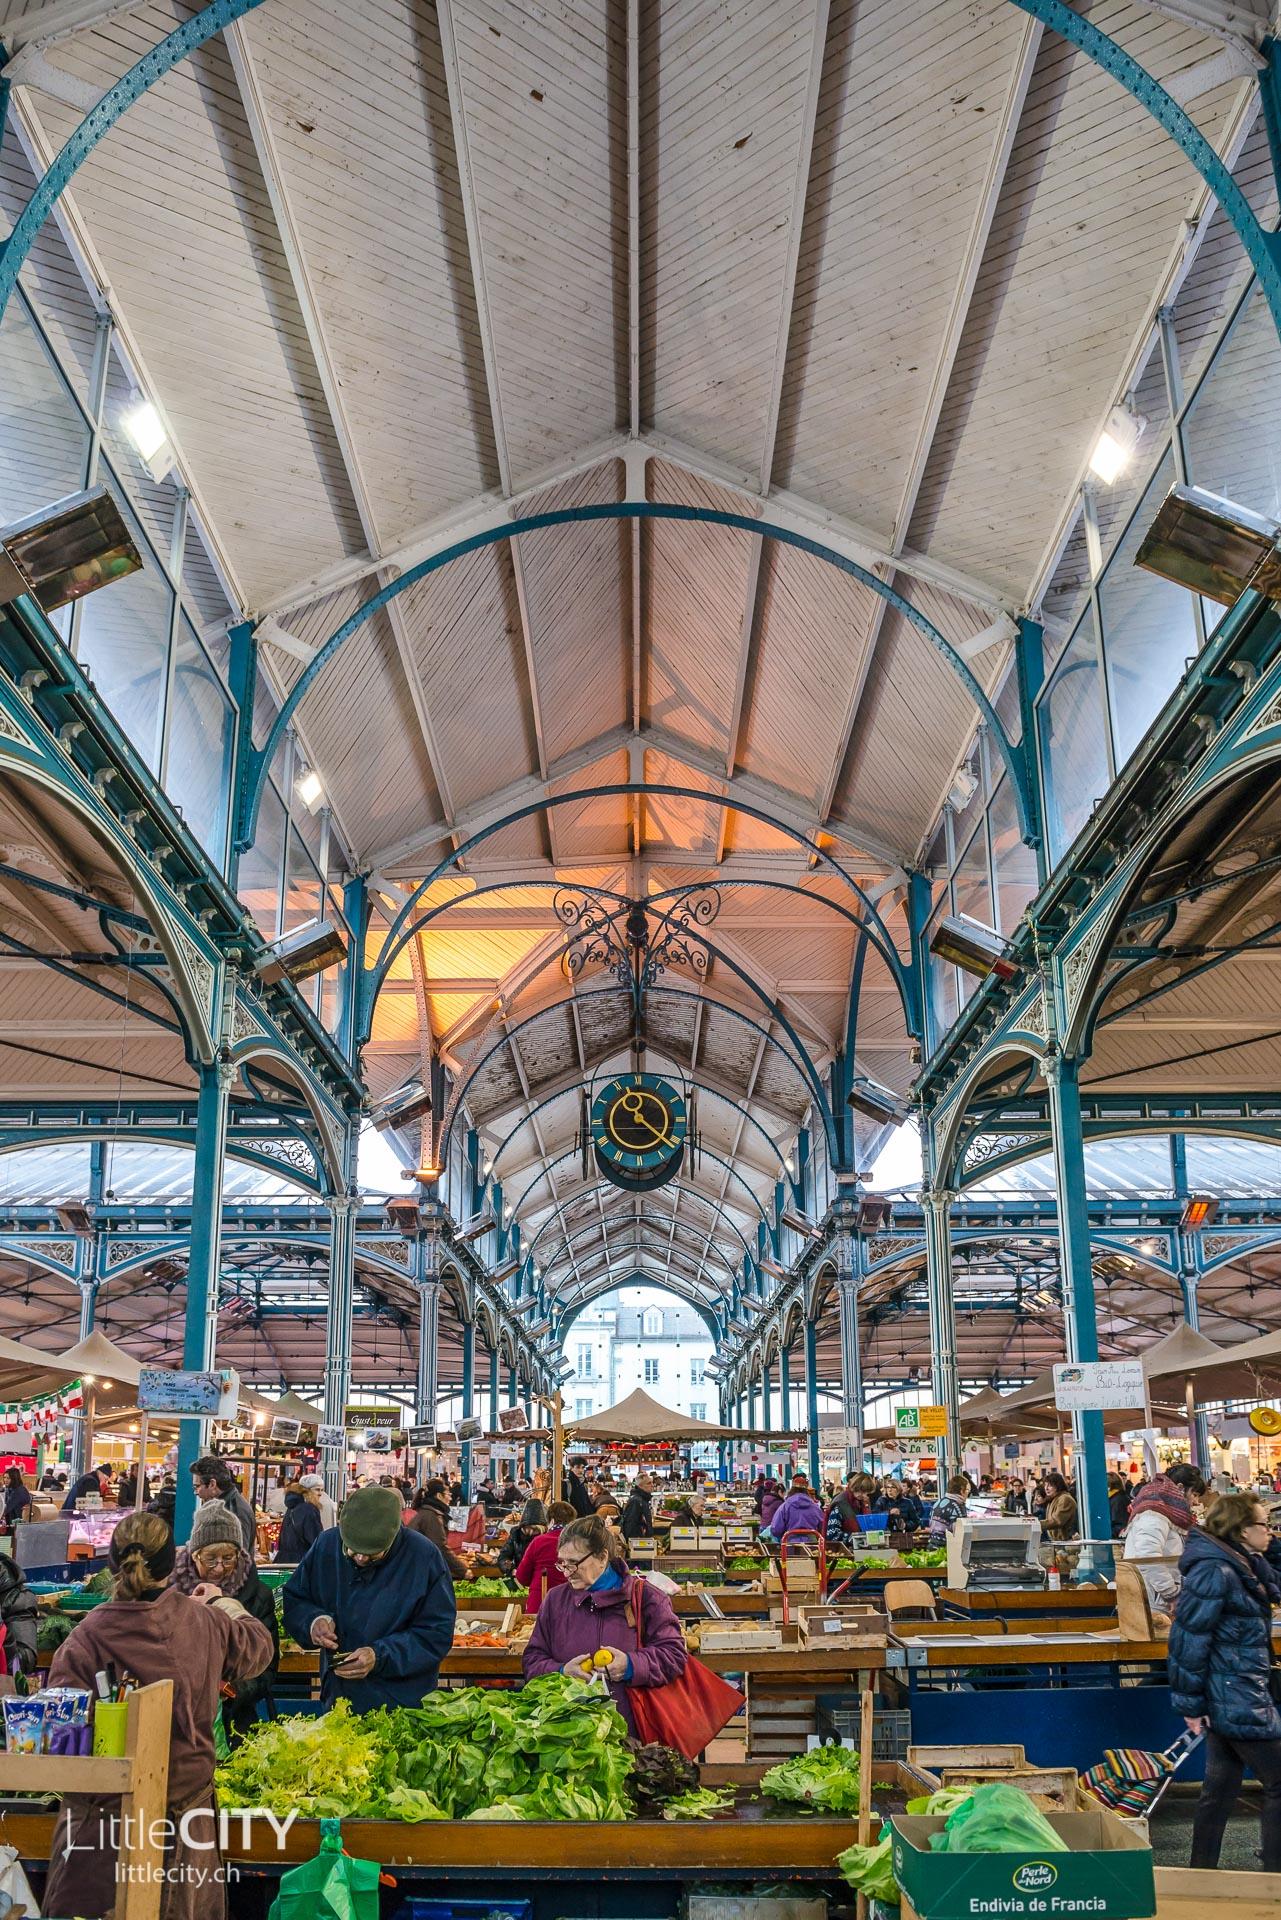 Les halles de Dijon - Food Markt